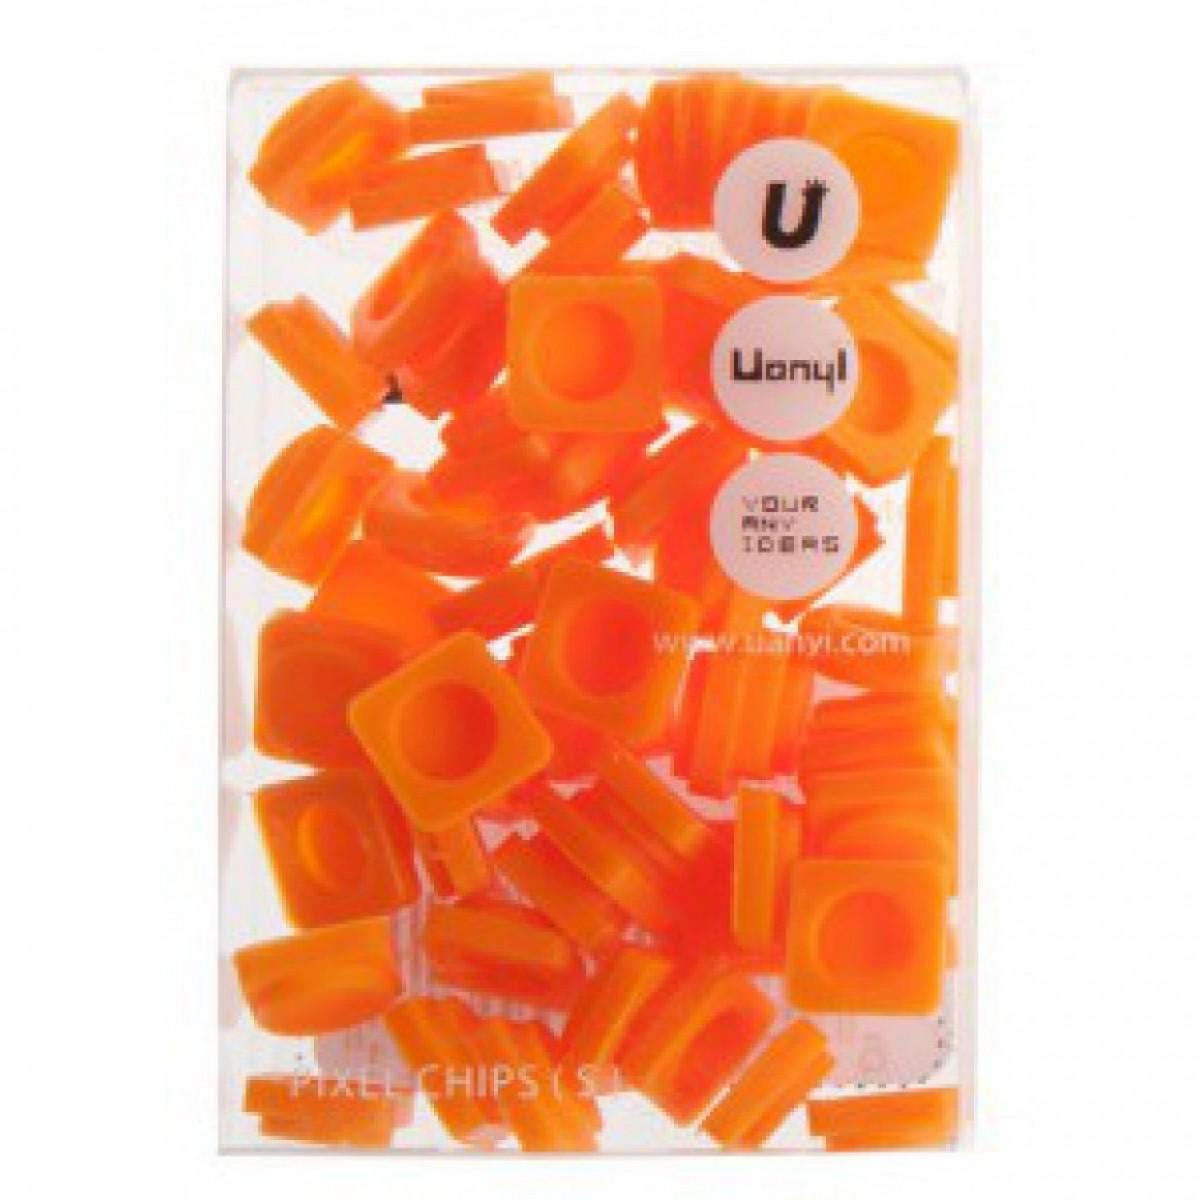 WY-P001E Rezerva pixeli Big- orange Upixel